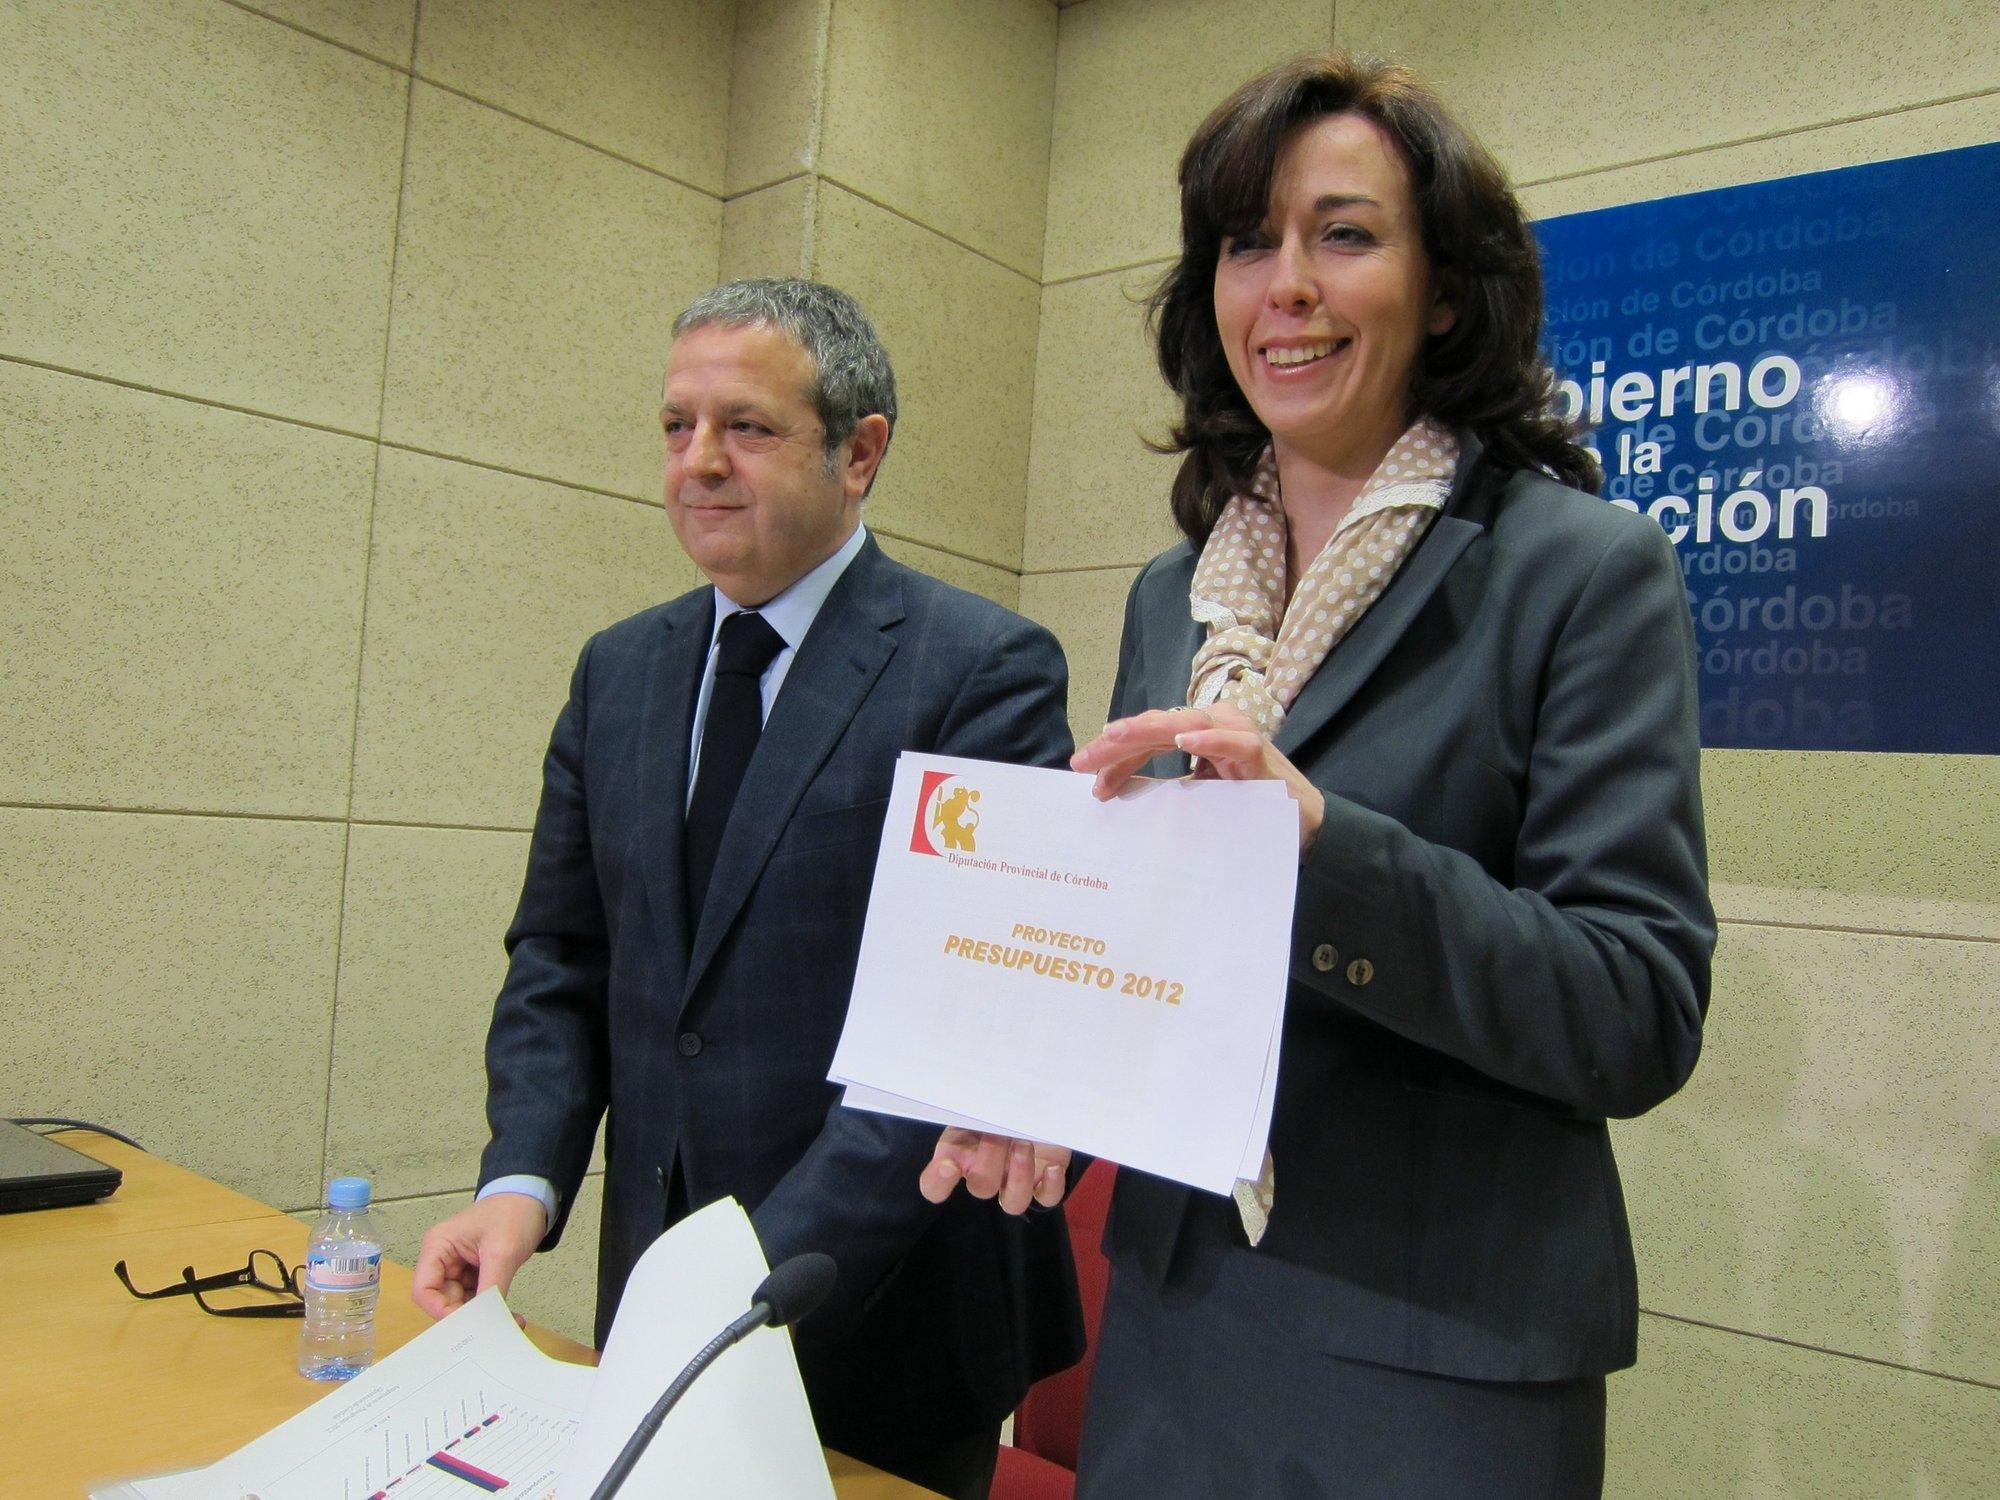 El presupuesto de la Diputación para 2012 sube un 1,47% y llega a los 203,5 millones